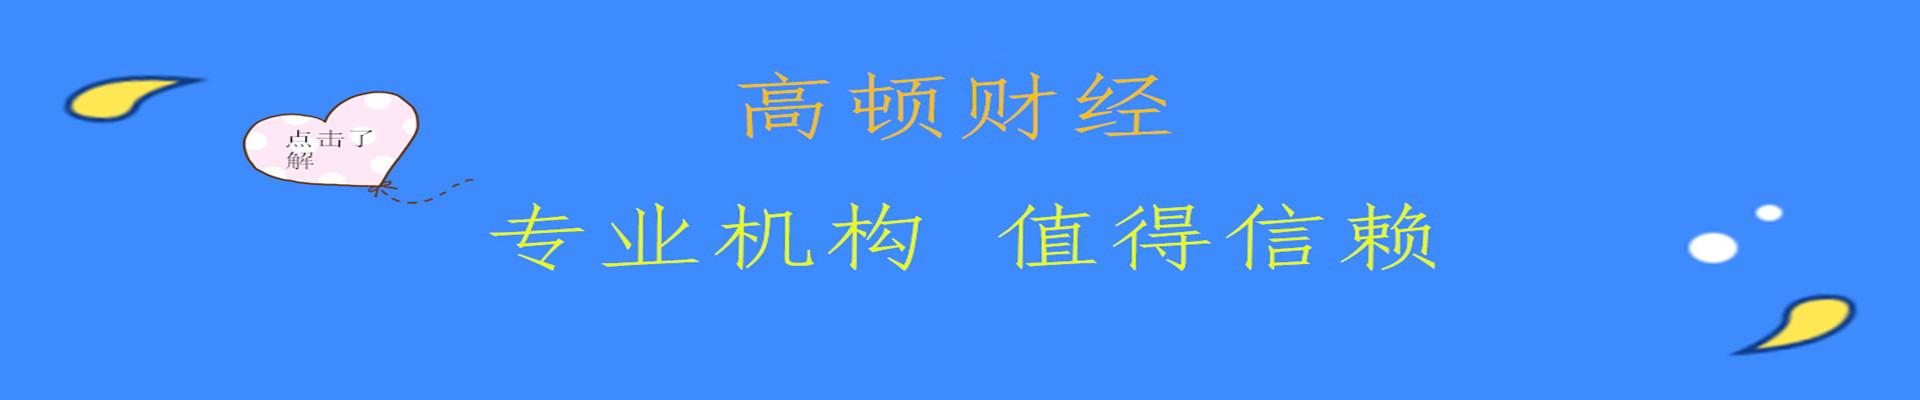 山东青岛高顿财经教育学校